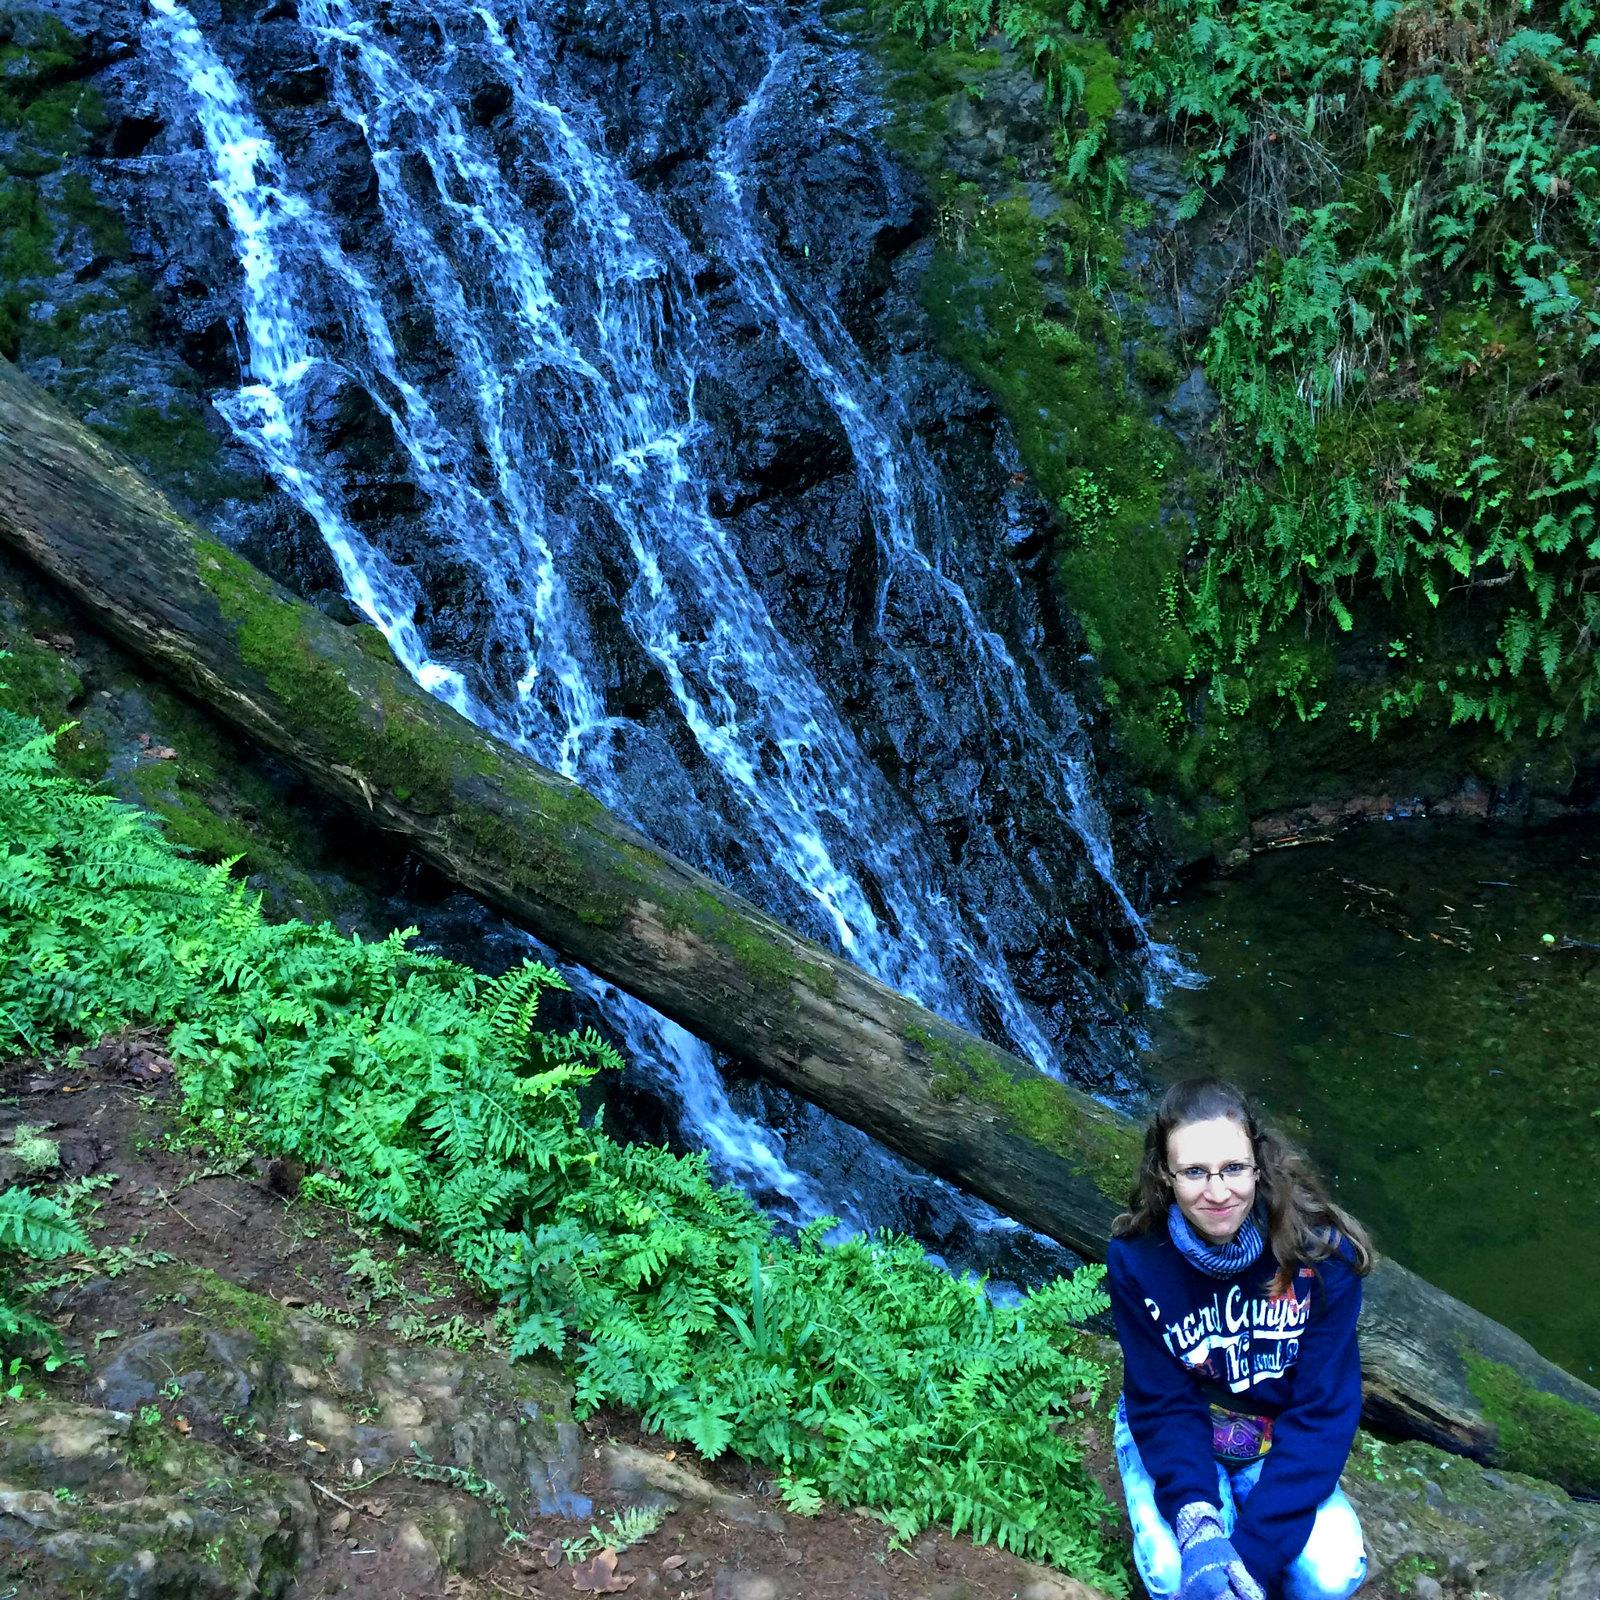 Cataract Falls, Mount Tamalpais State Park, California, USA